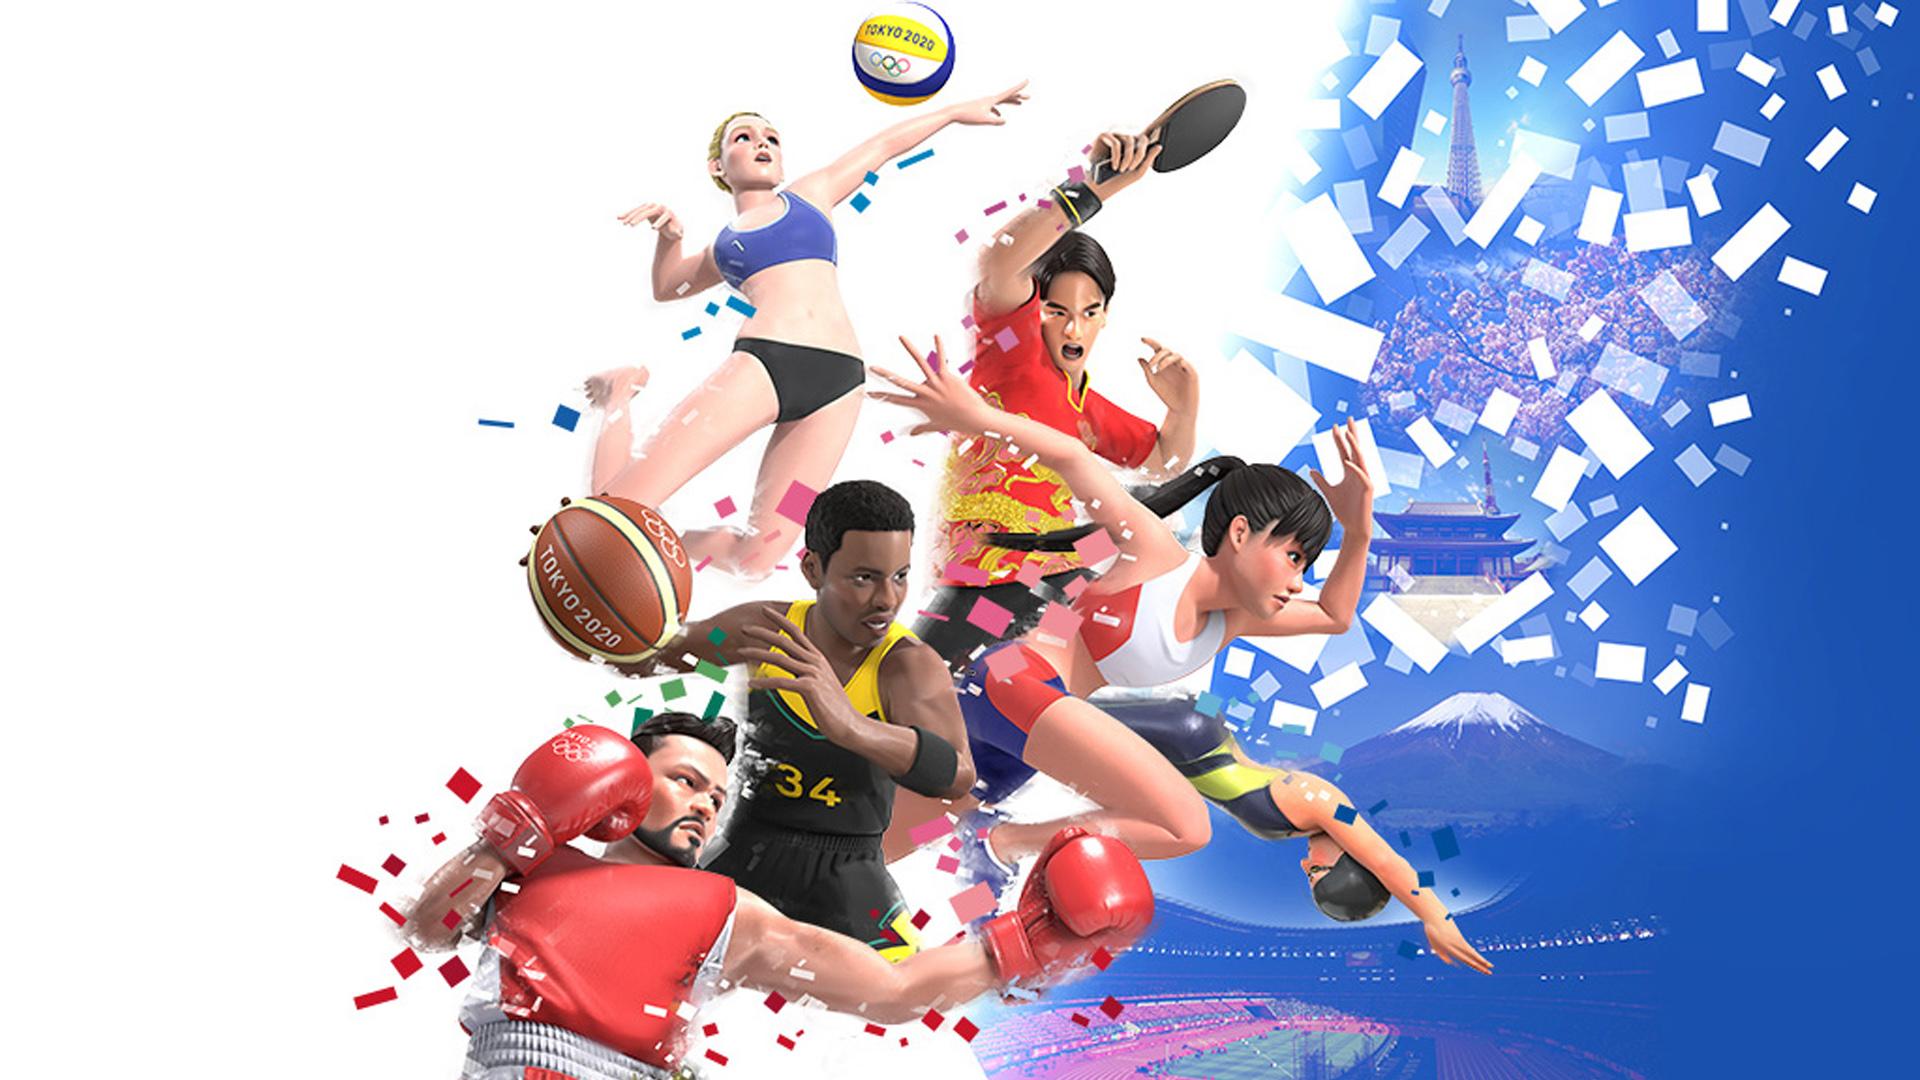 Olympic Games Tokyo menjadi game terbaru Juni 2021 setelah ditunda setahun